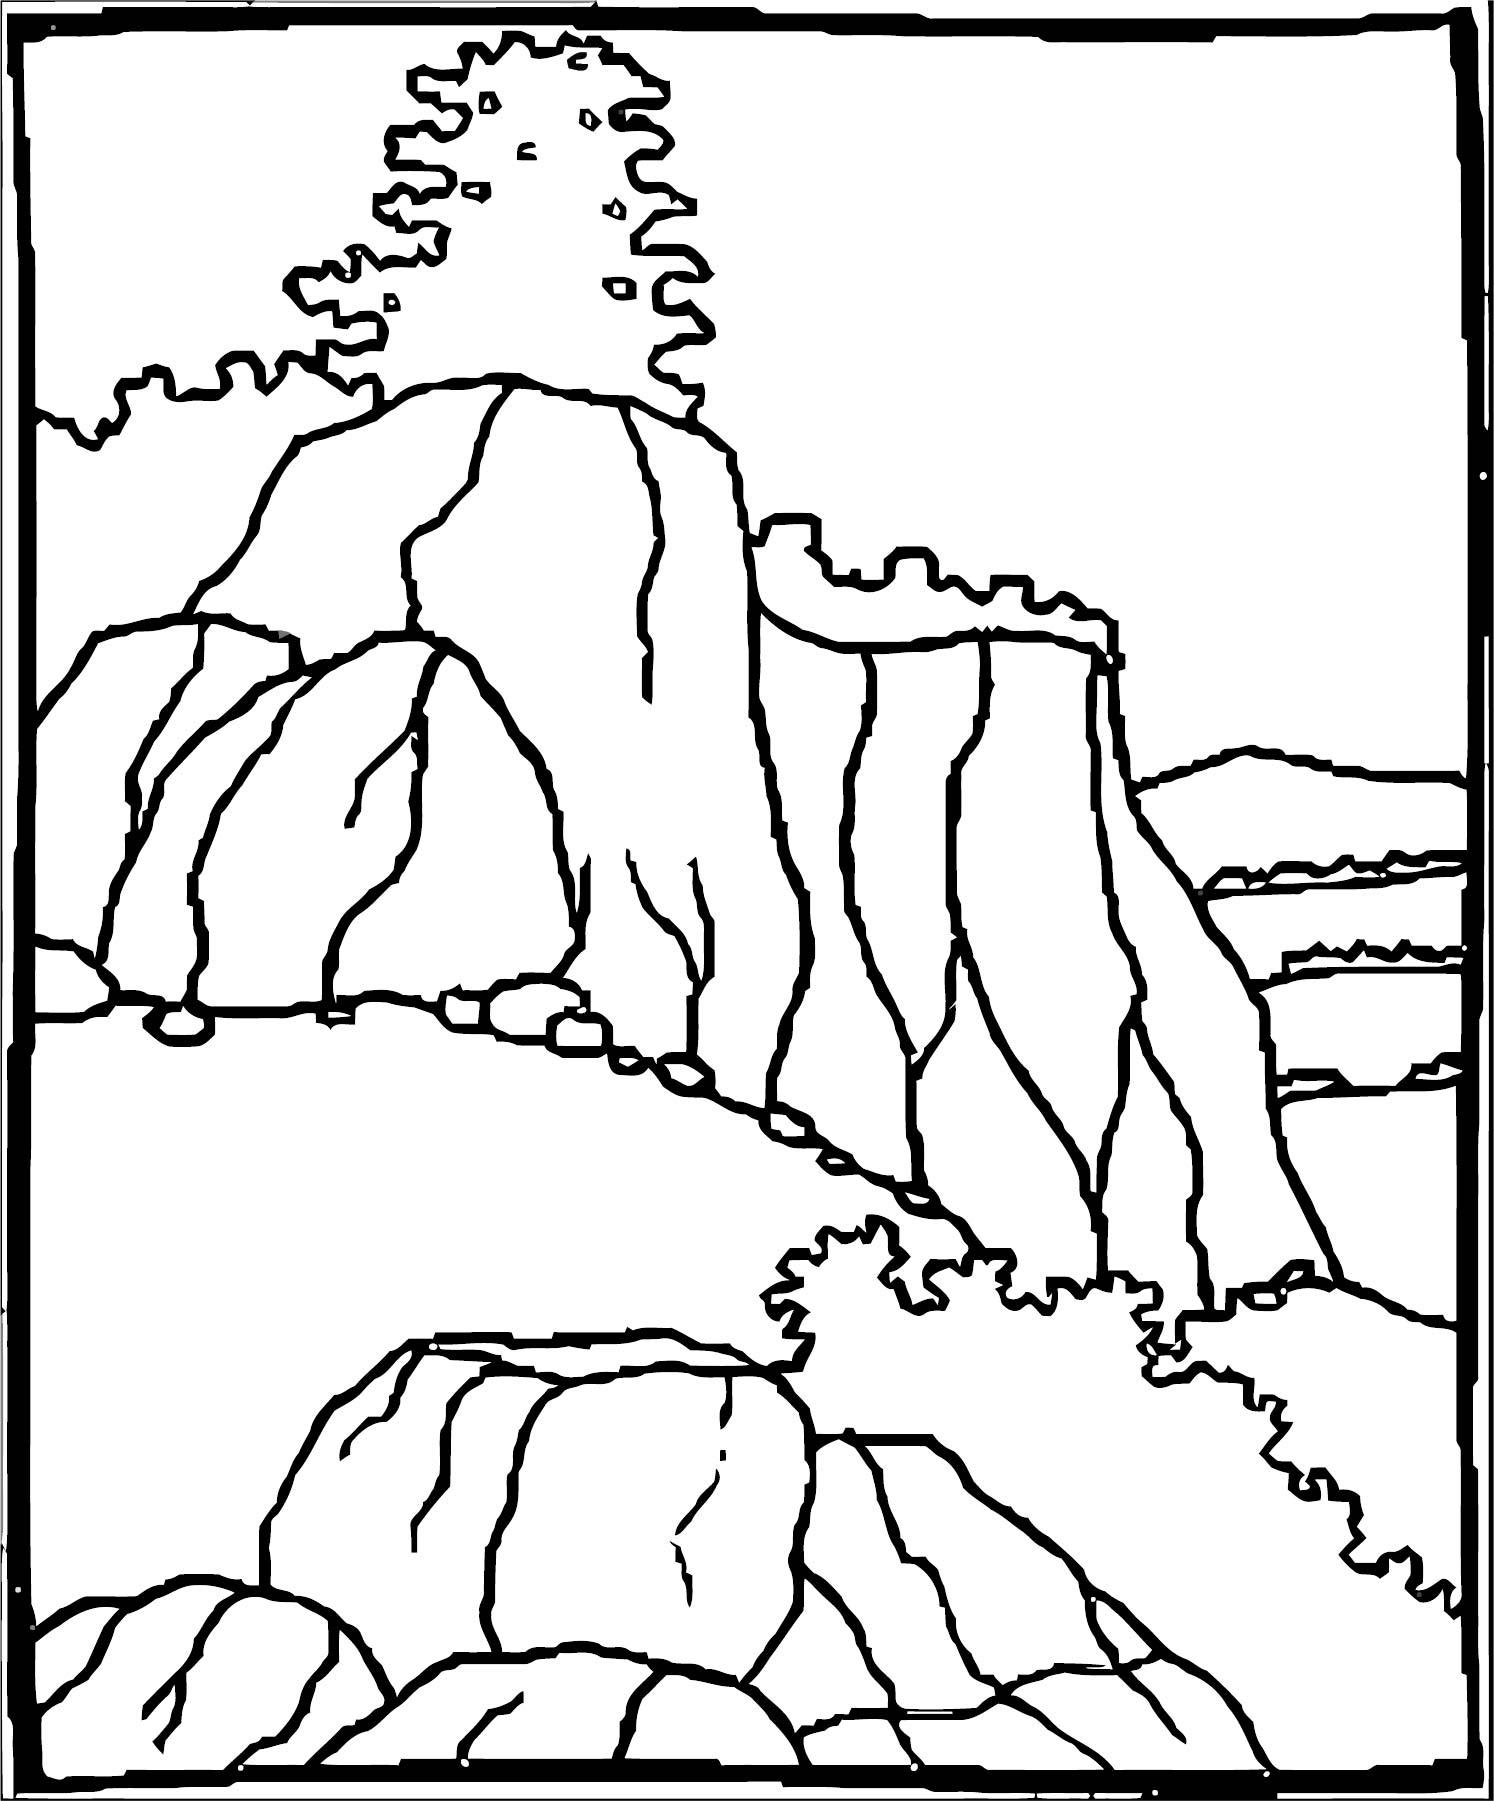 Art Cuscapes Landscape Coloring Page 2